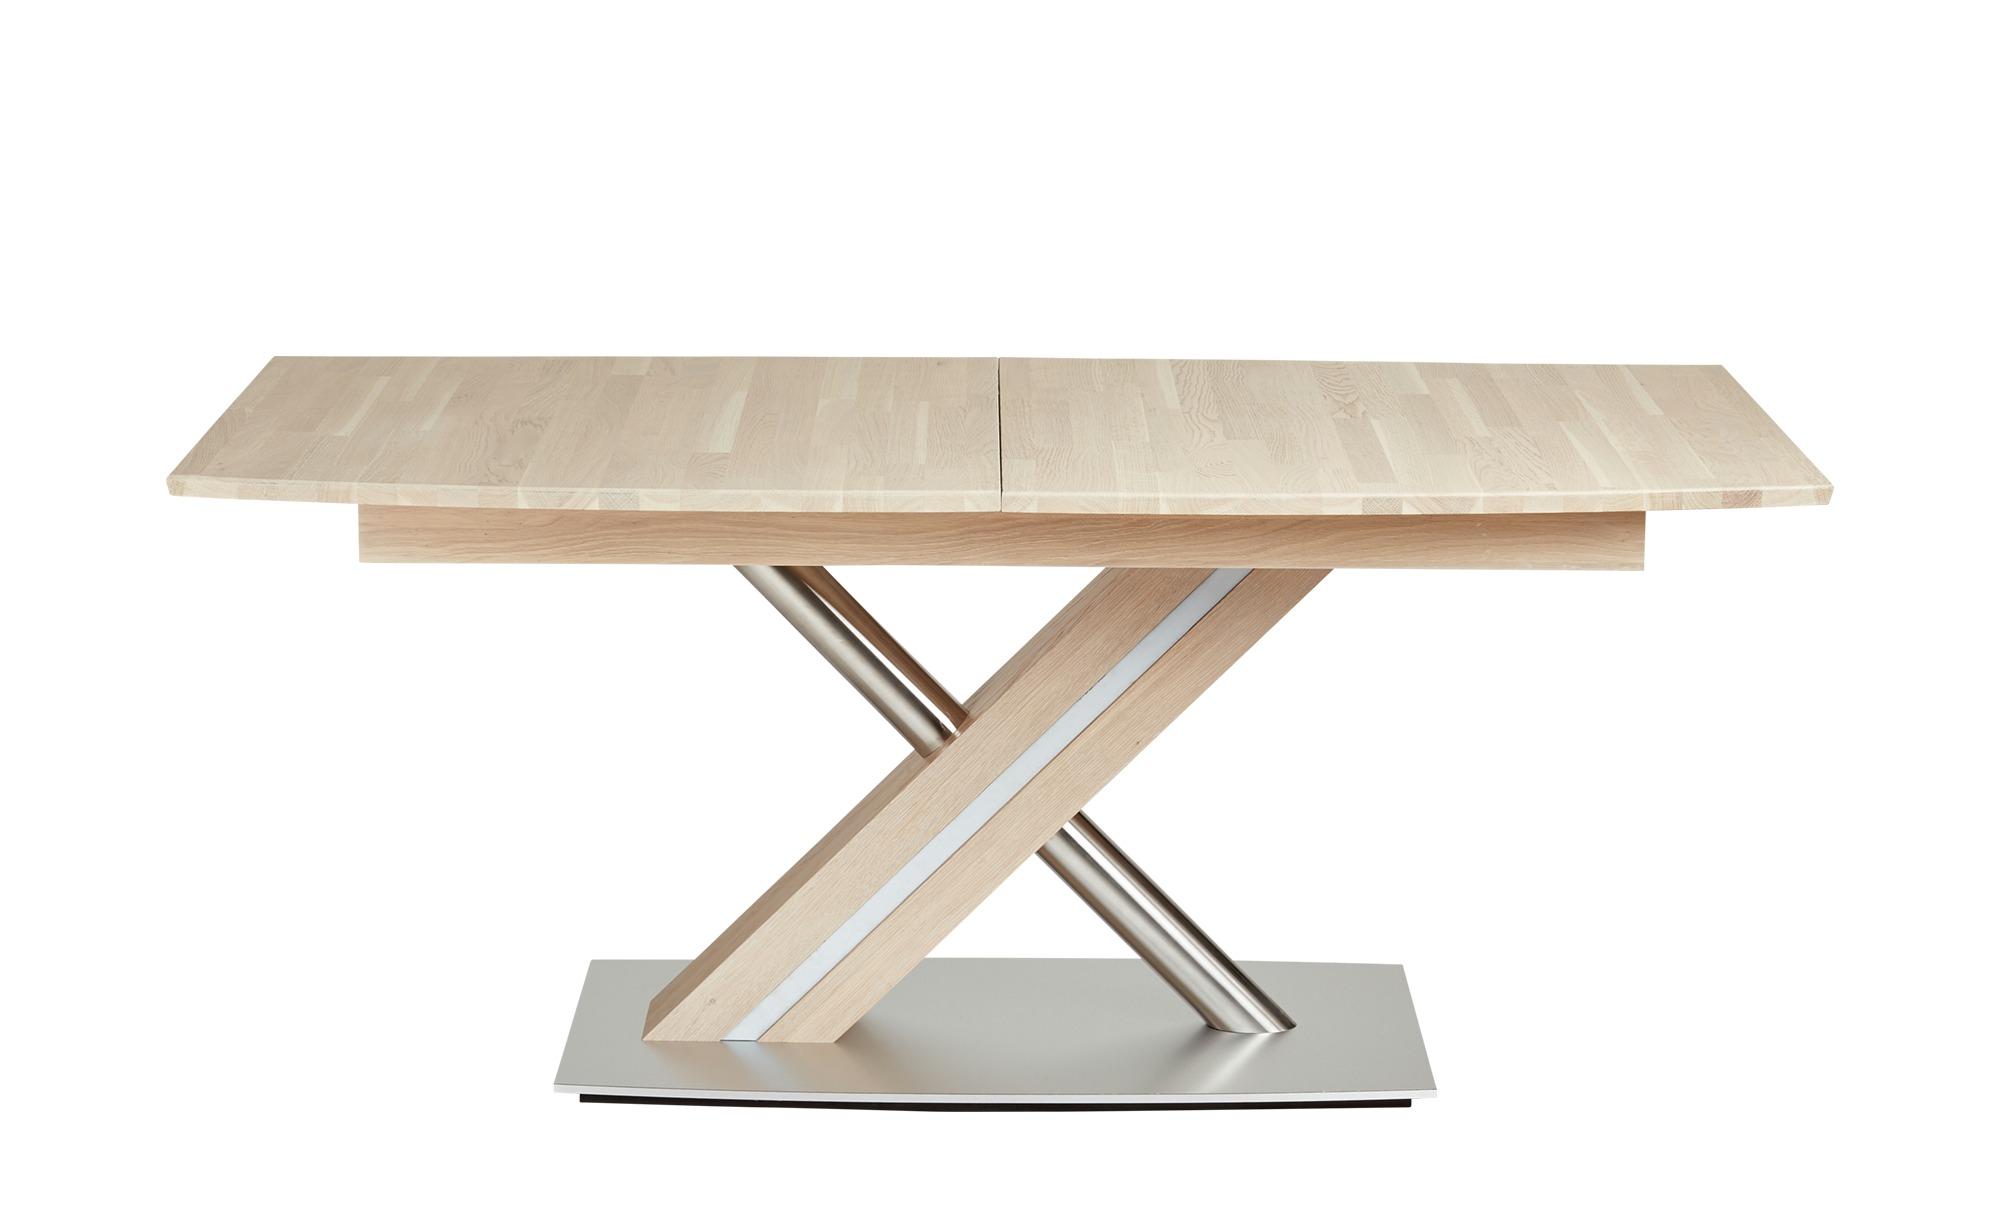 Woodford Esstisch  Tristan ¦ holzfarben ¦ Maße (cm): B: 90 H: 75,5 Tische > Esstische > Esstische massiv - Höffner